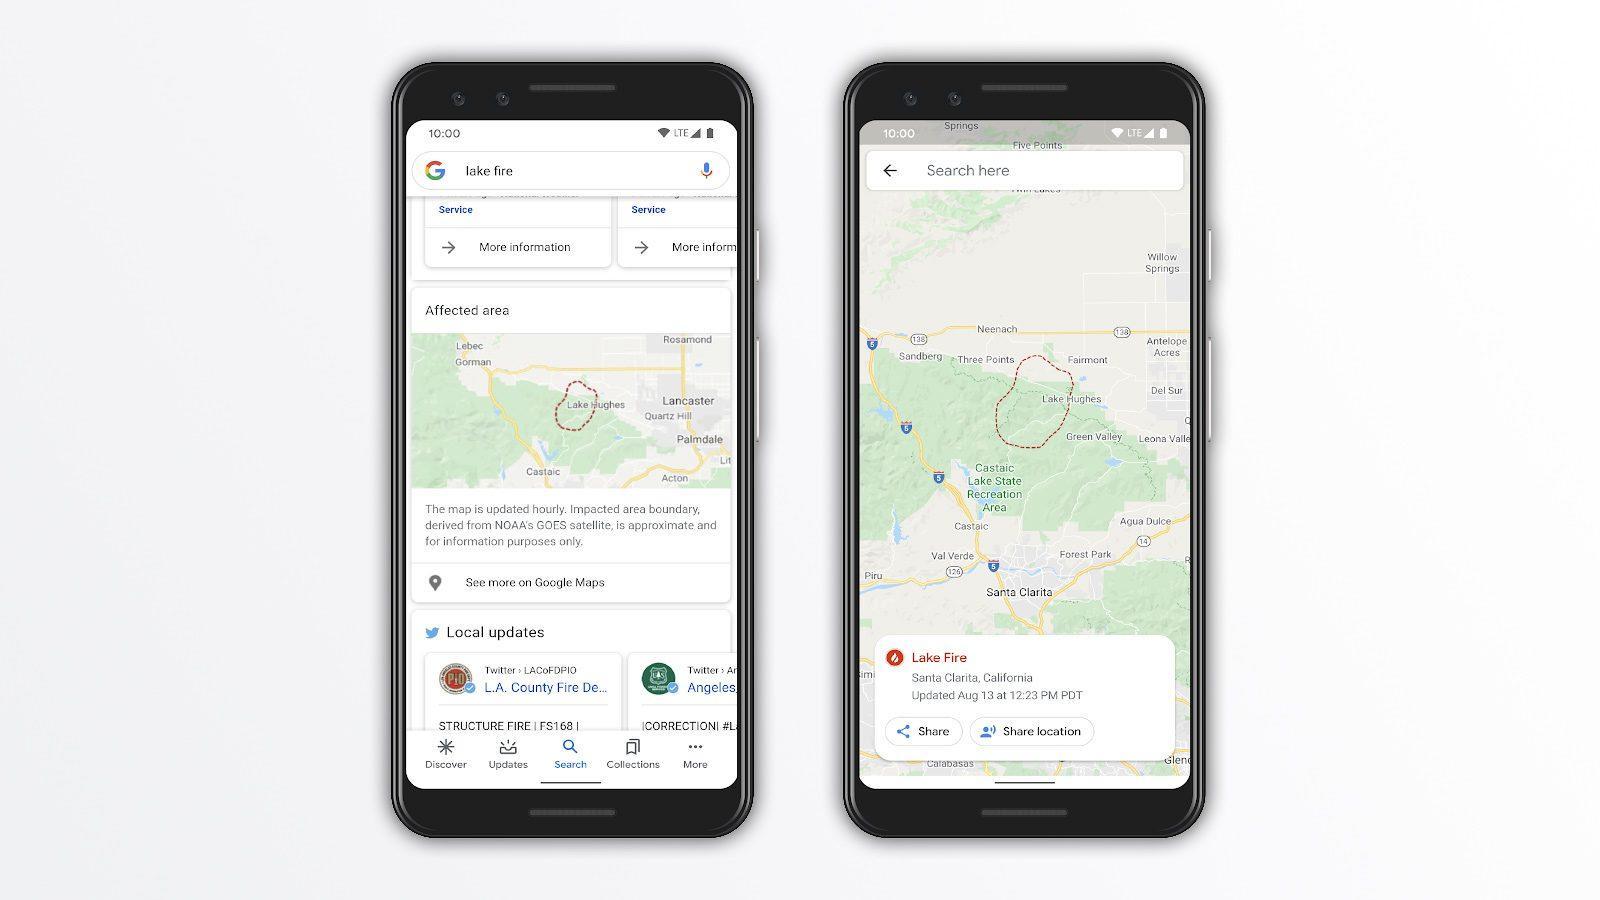 À Partir D'aujourd'hui, Google Maps Affiche Des Informations Sur Les